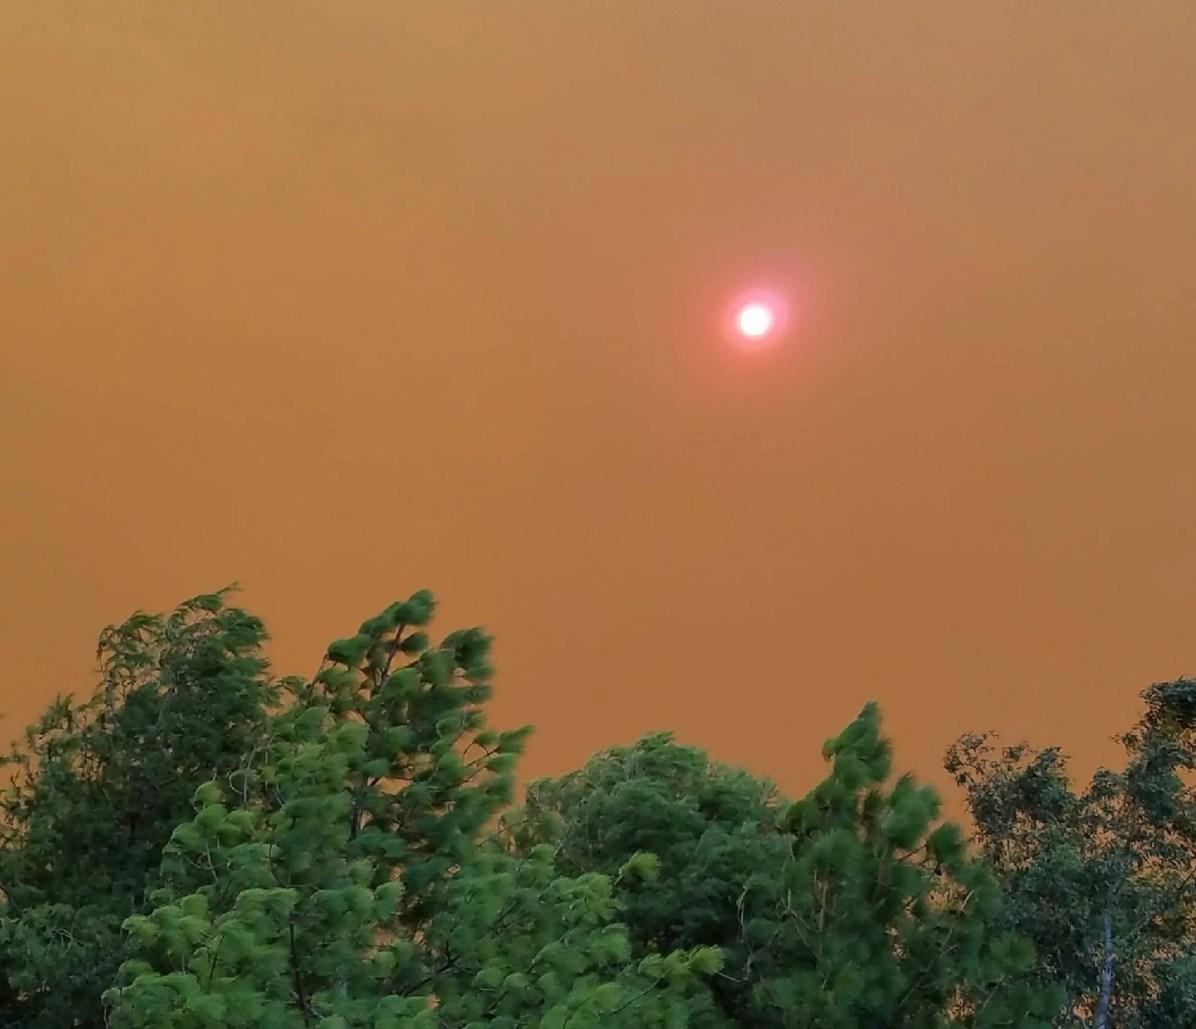 Anaheim Hills Fire Smoke over Disneyland Resort - Courtesy of @distinct_worlds on Instagram.